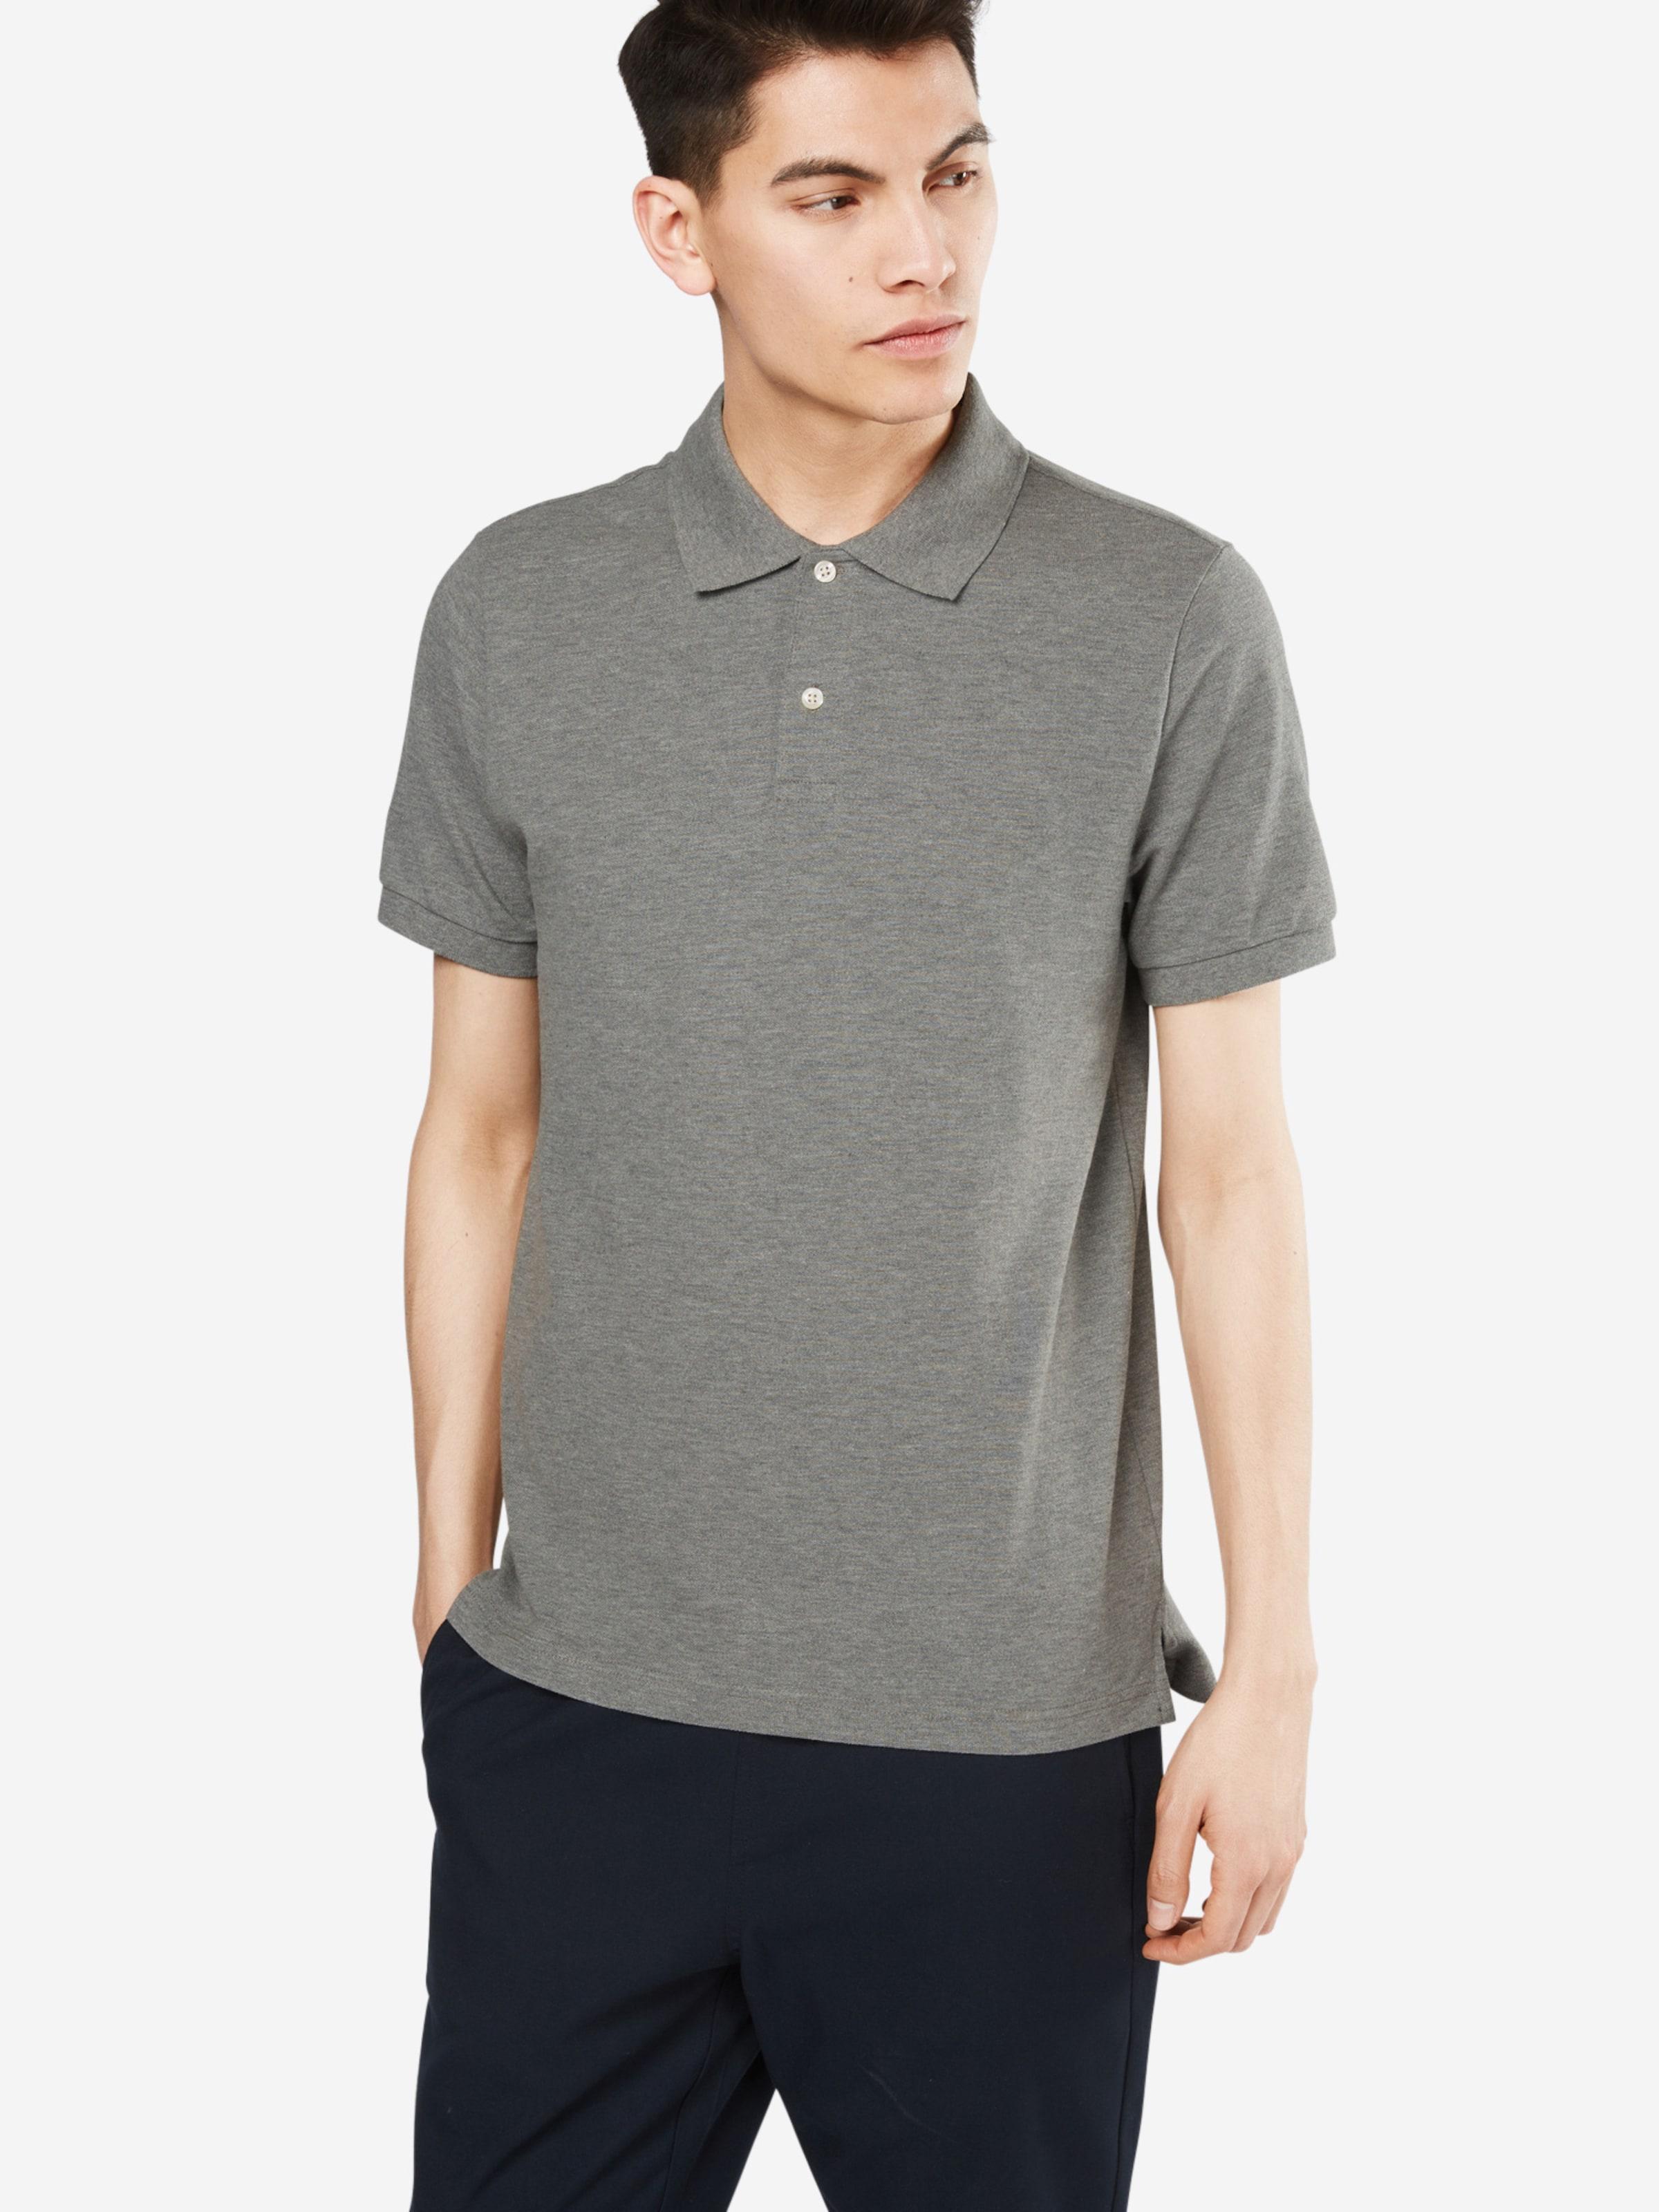 GAP Poloshirt 'V-BASIC PIQUE' Billig Store Kauf Billig Billig UgHFkulmD